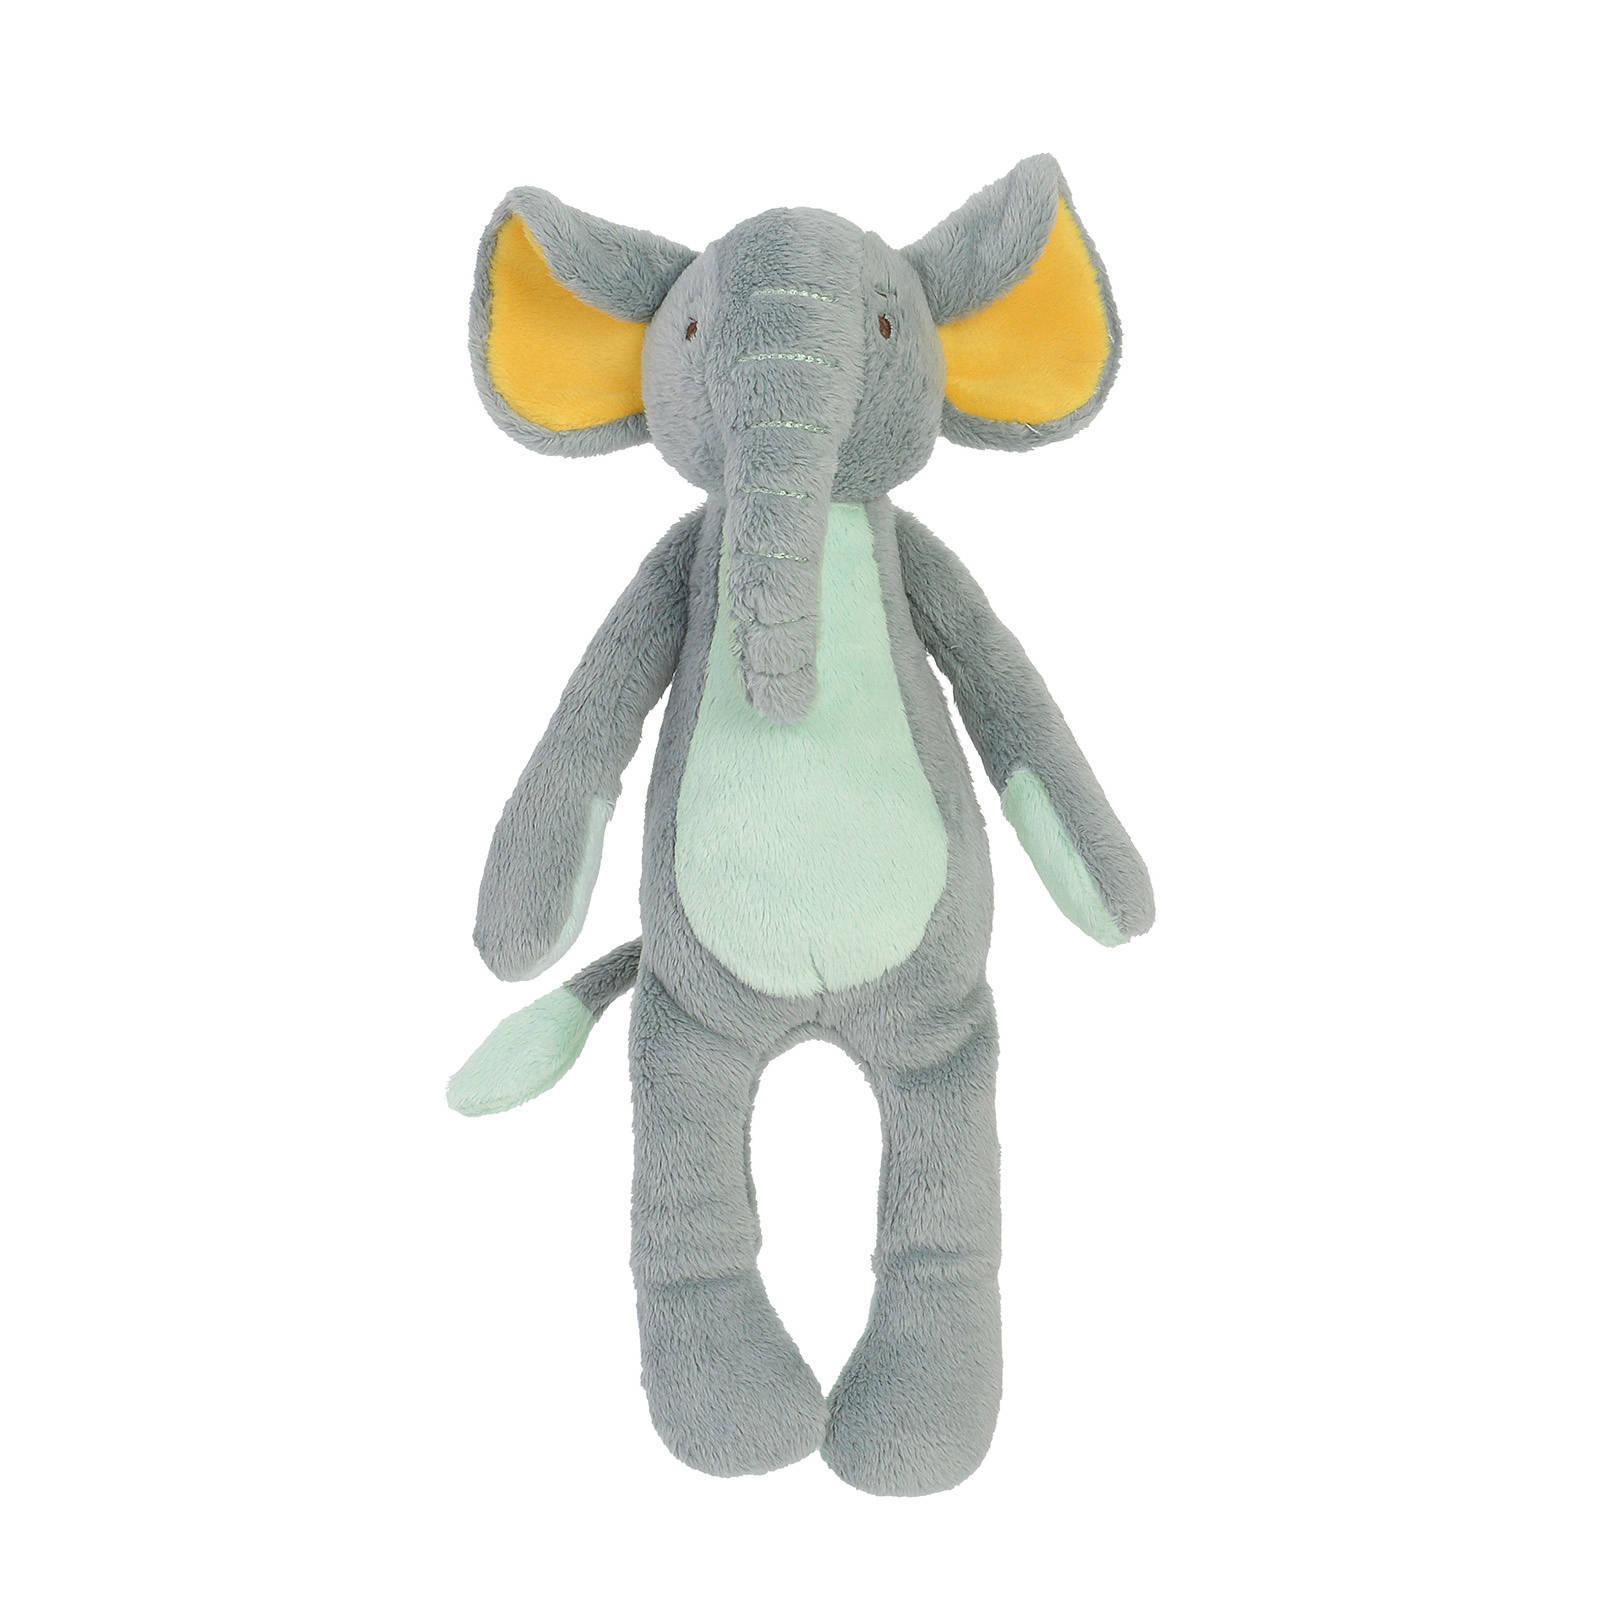 Plüsch Elefant Stofftier Kuscheltier stonegreen 25 cm